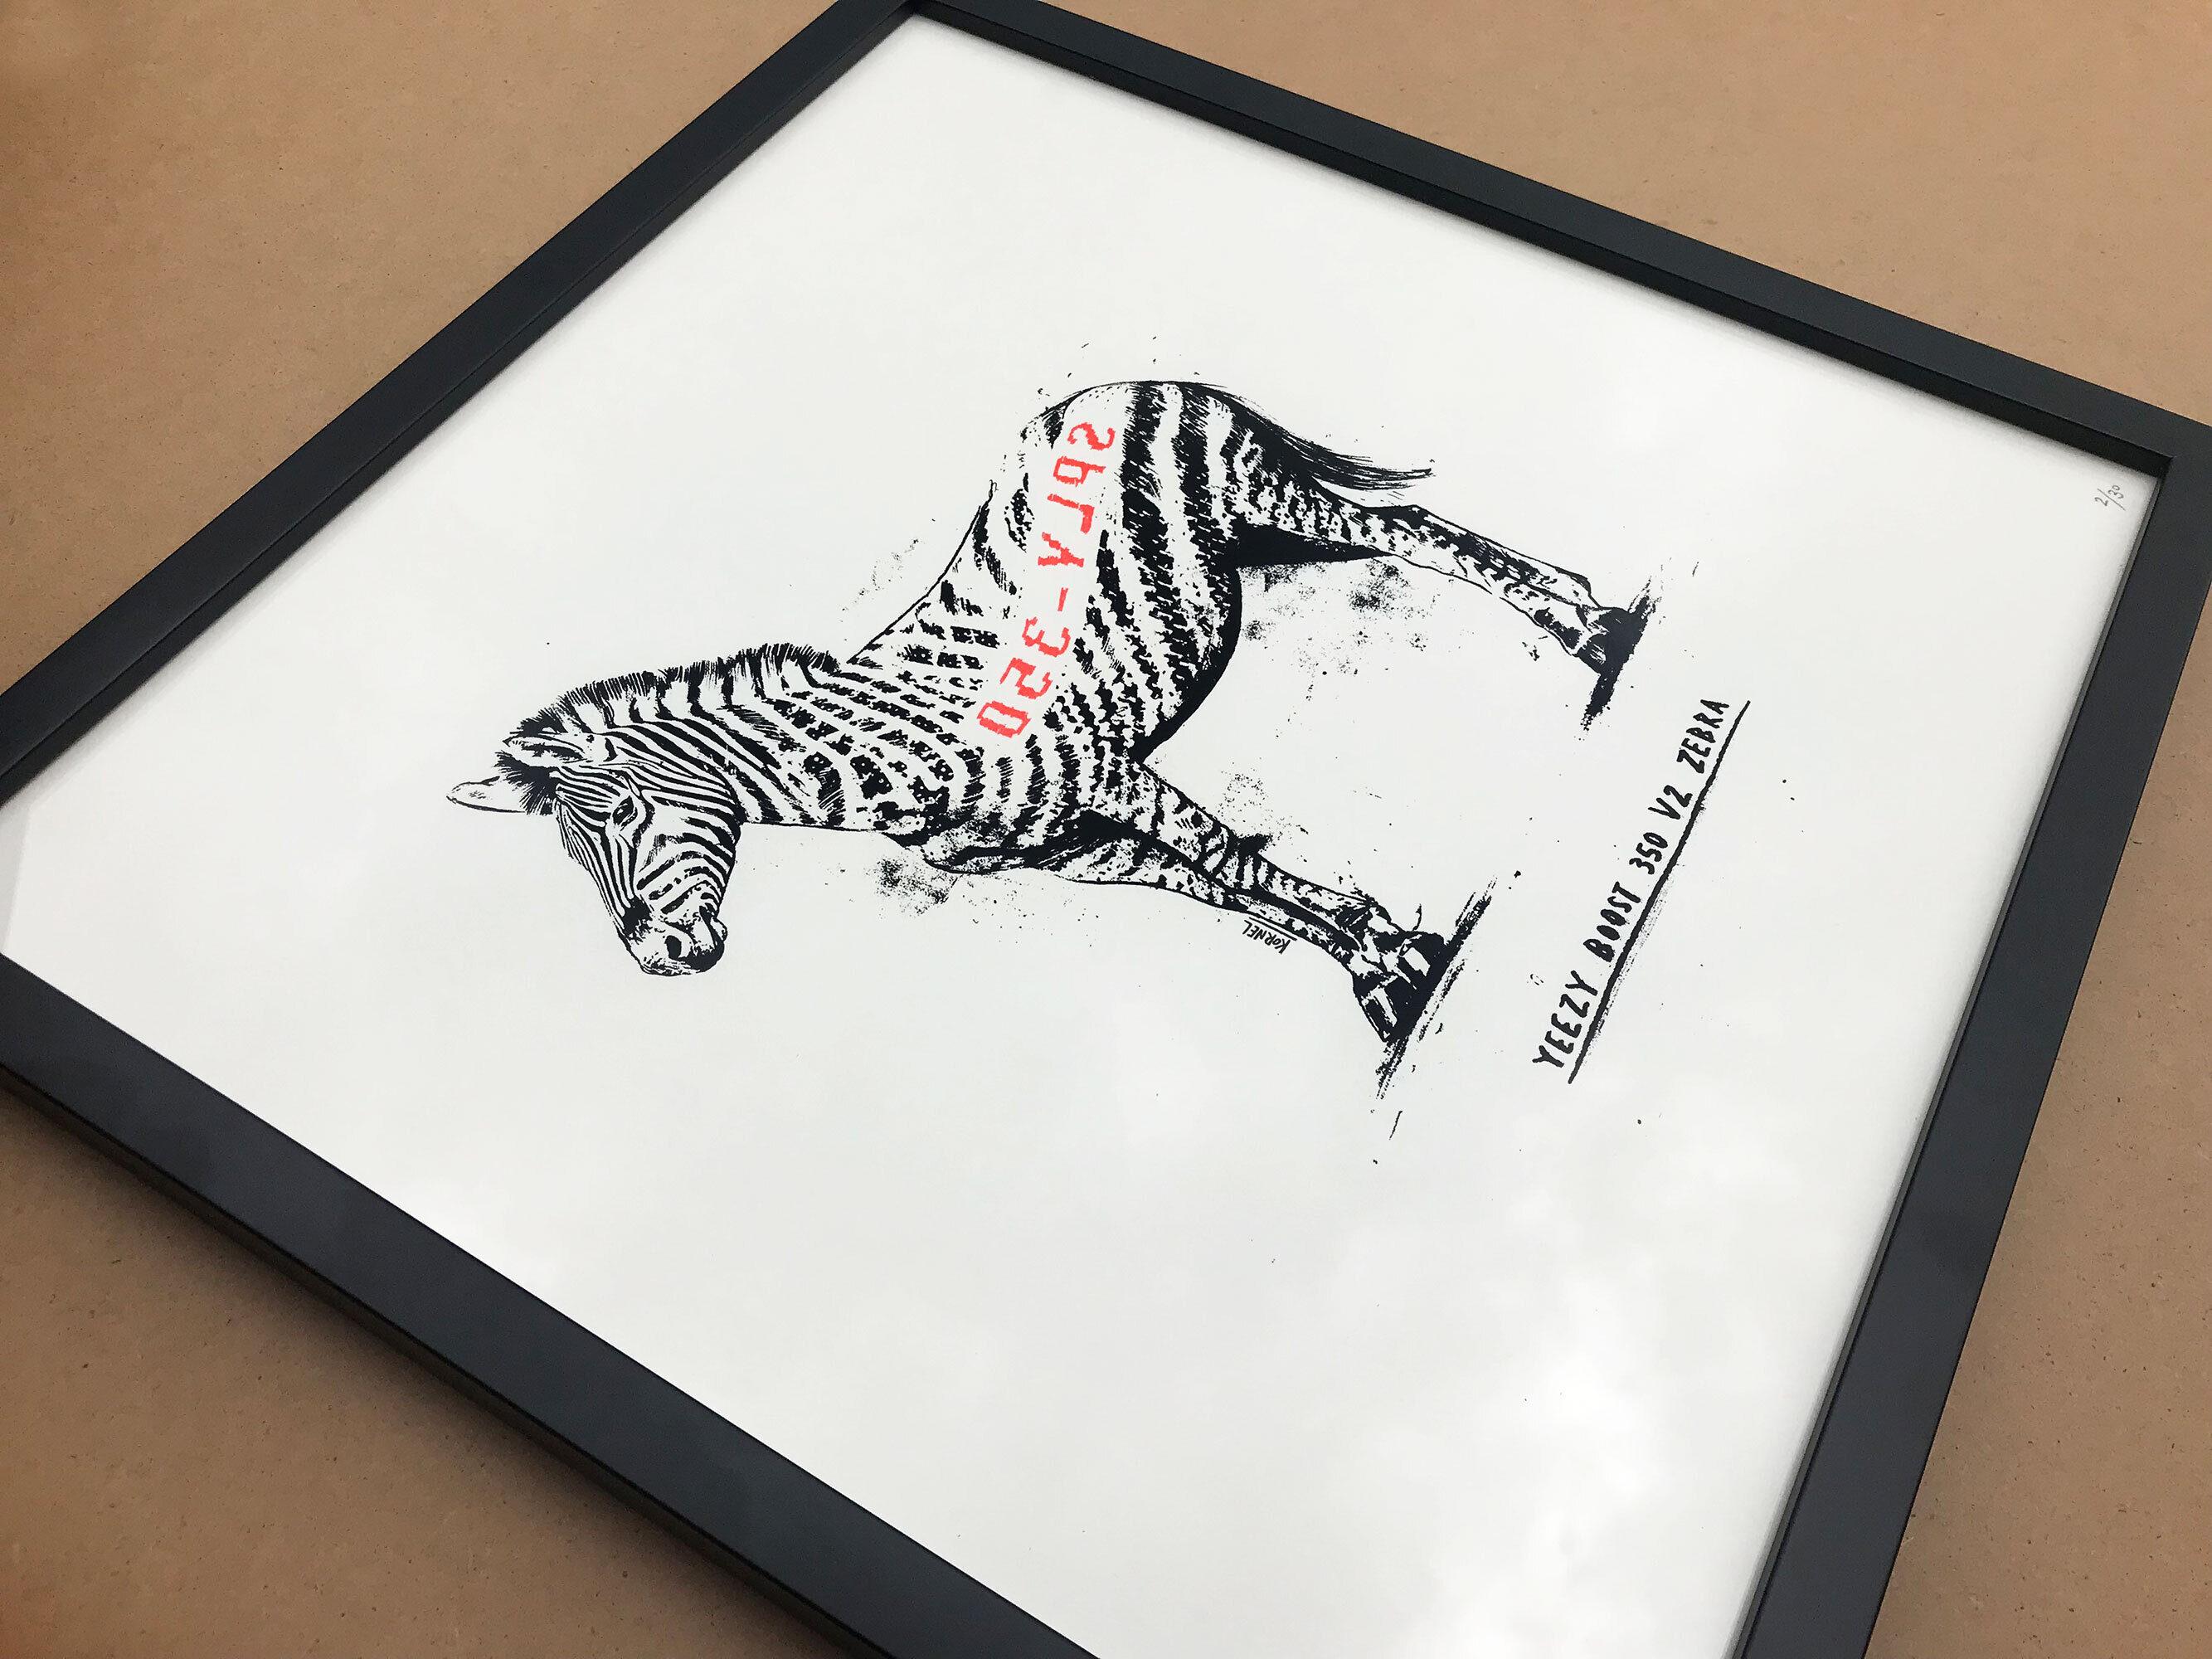 Yeezy Zebra Artwork - Kornel Illustration | Kornel Stadler portfolio